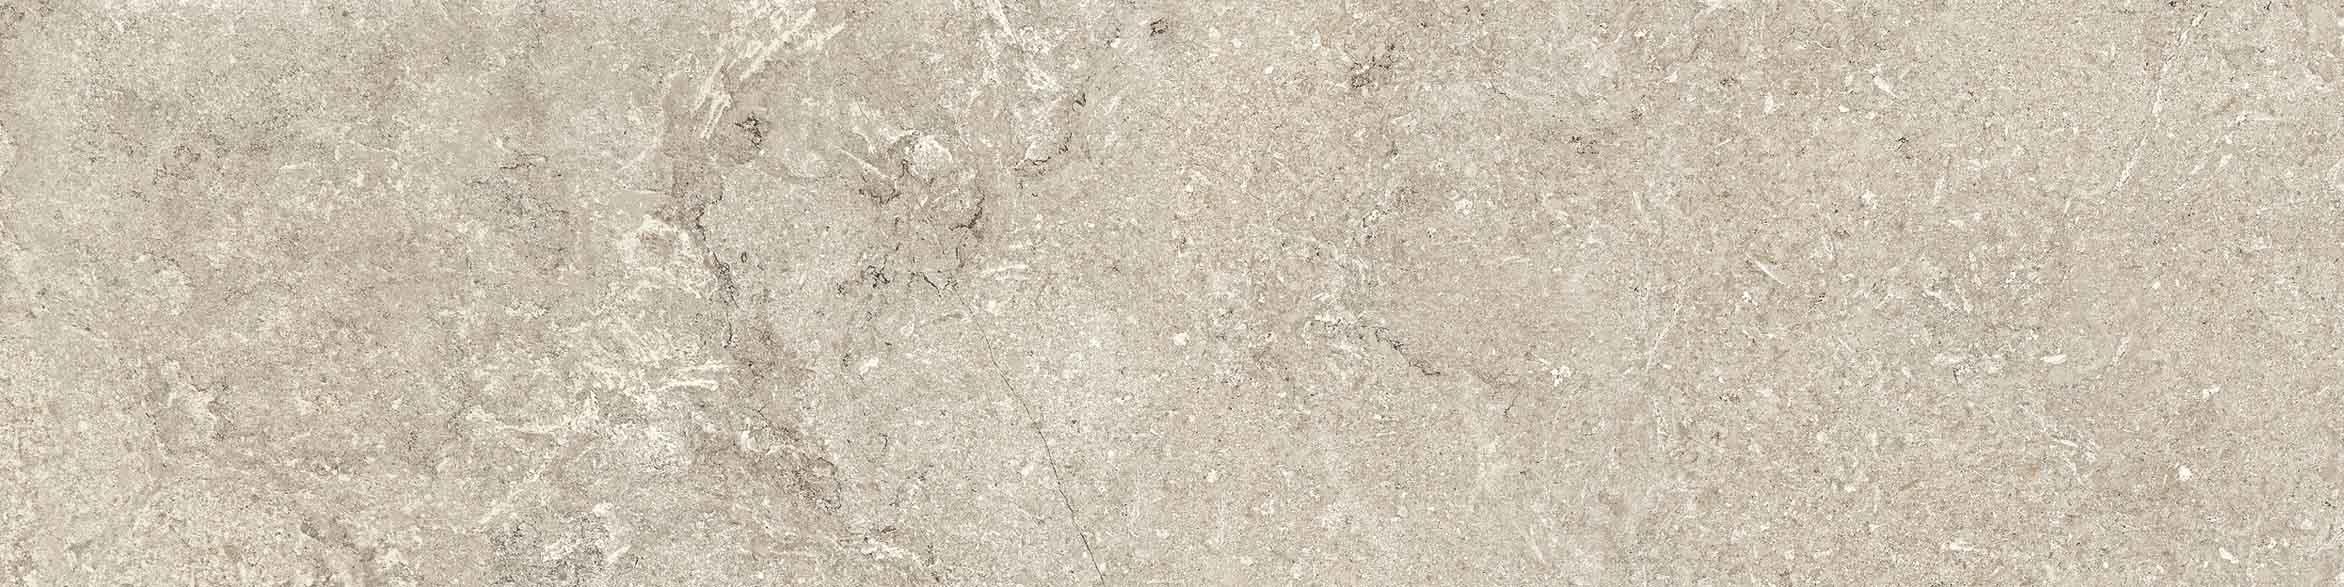 Material Stones of Cerim 02 Matte 10mm 30 x 120